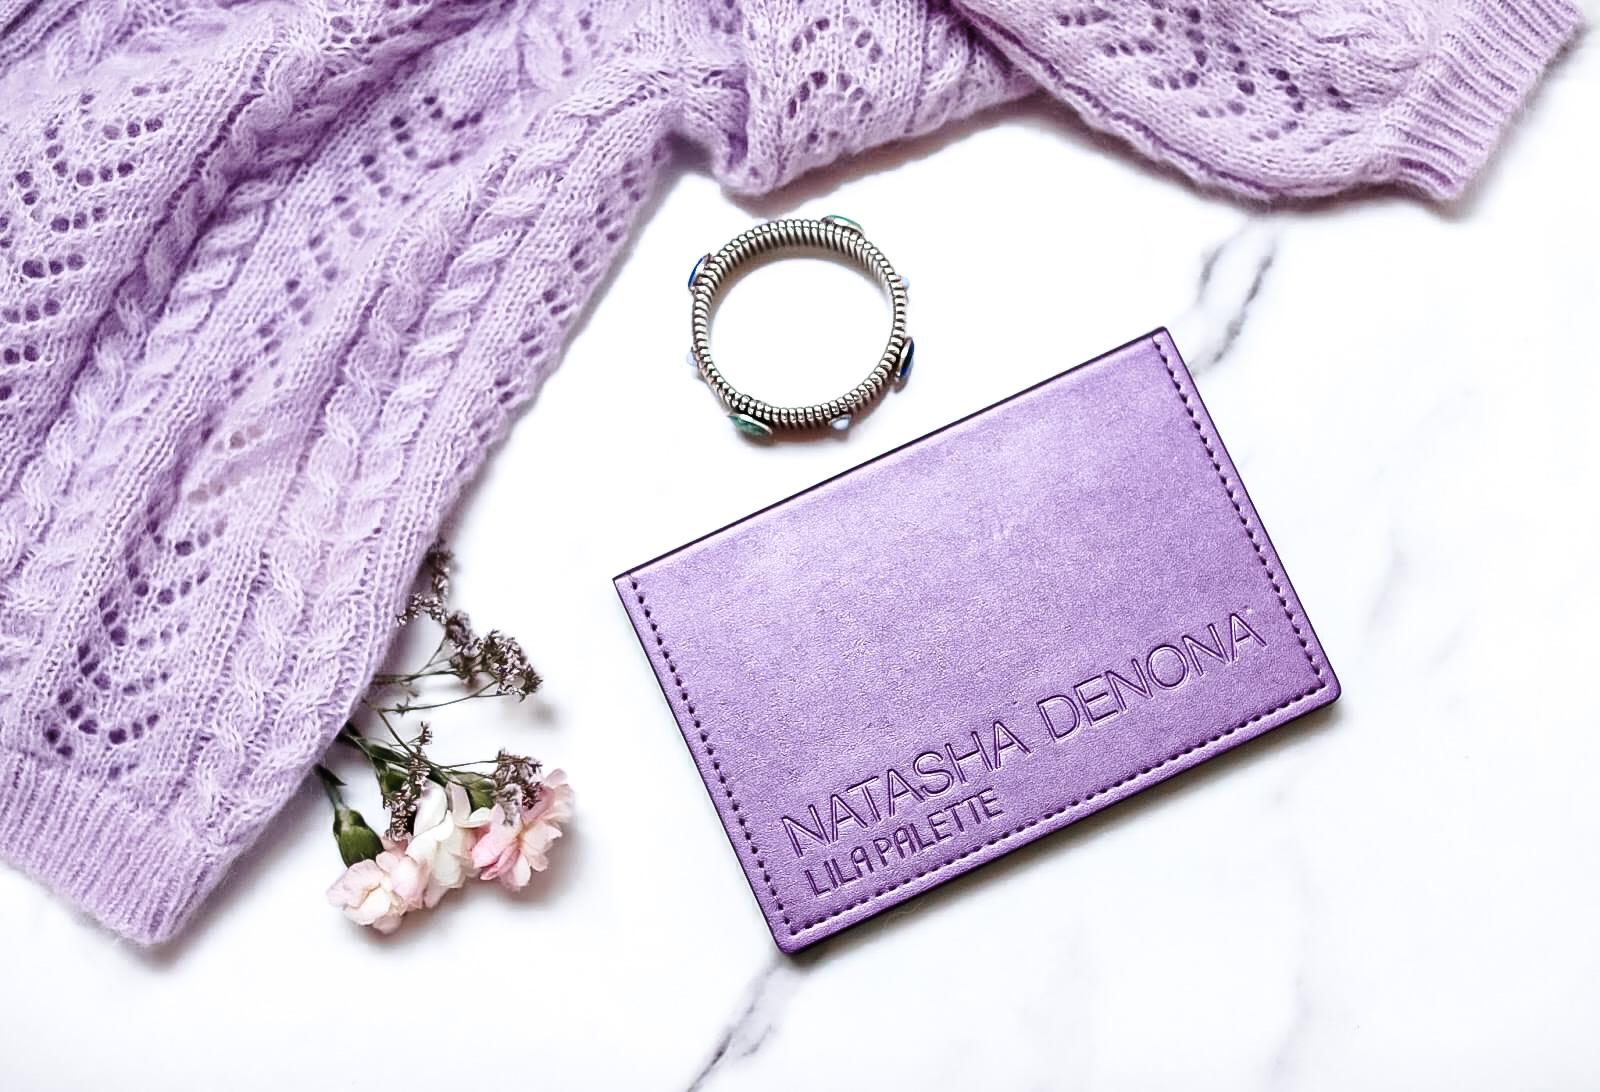 Natasha Denona Lila Palette revue